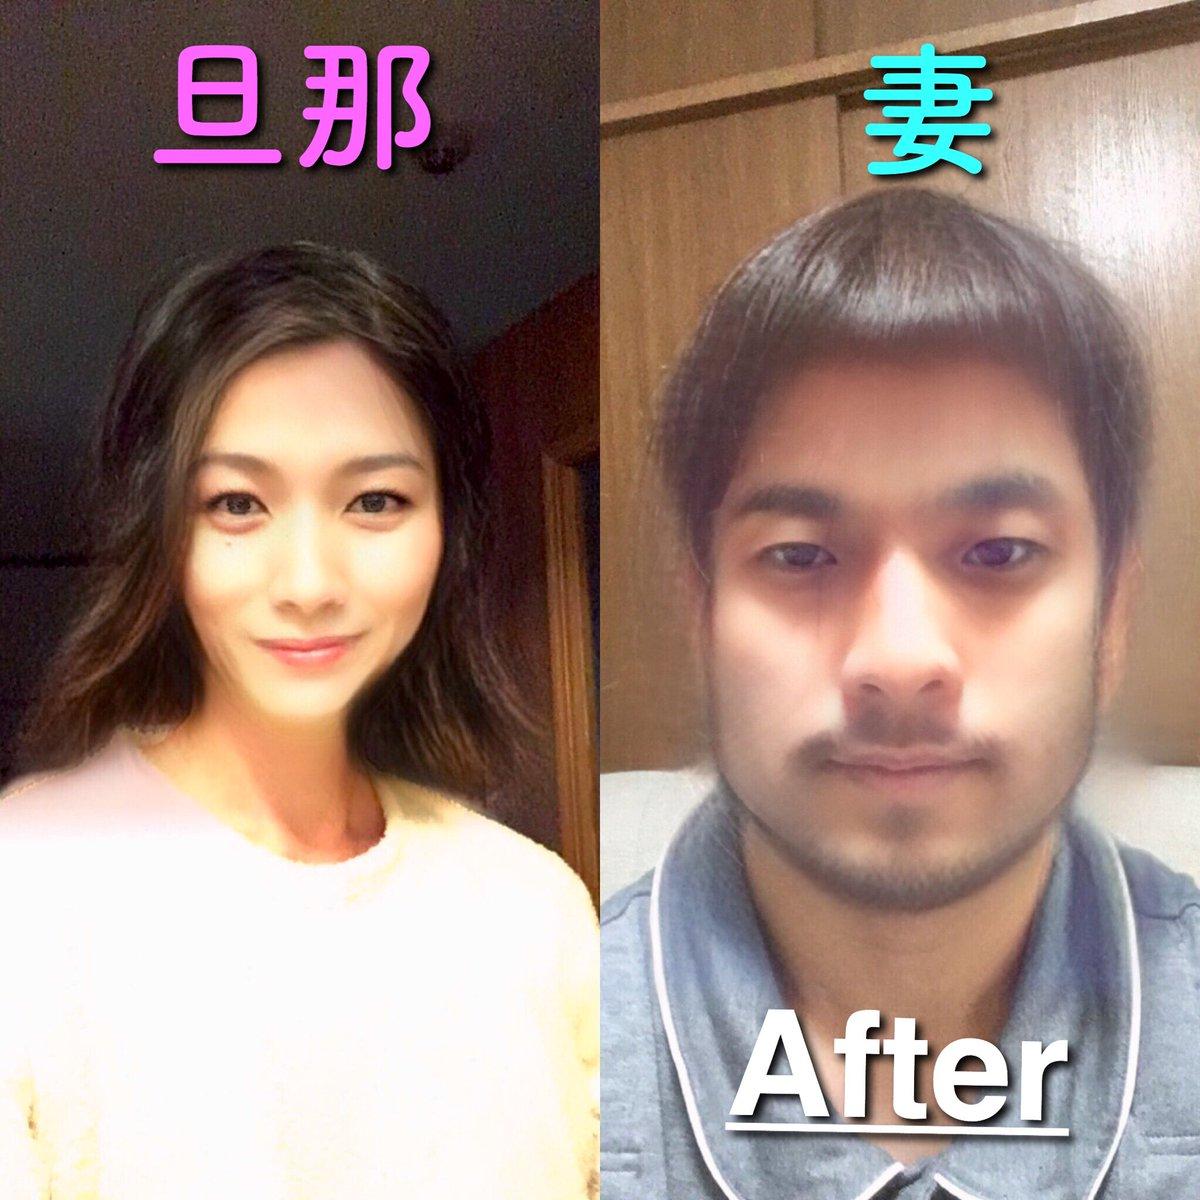 アプリ 写真 性 転換 男性化・女性化を楽しむカメラアプリで自分の性別を転換した顔を見てみよう!